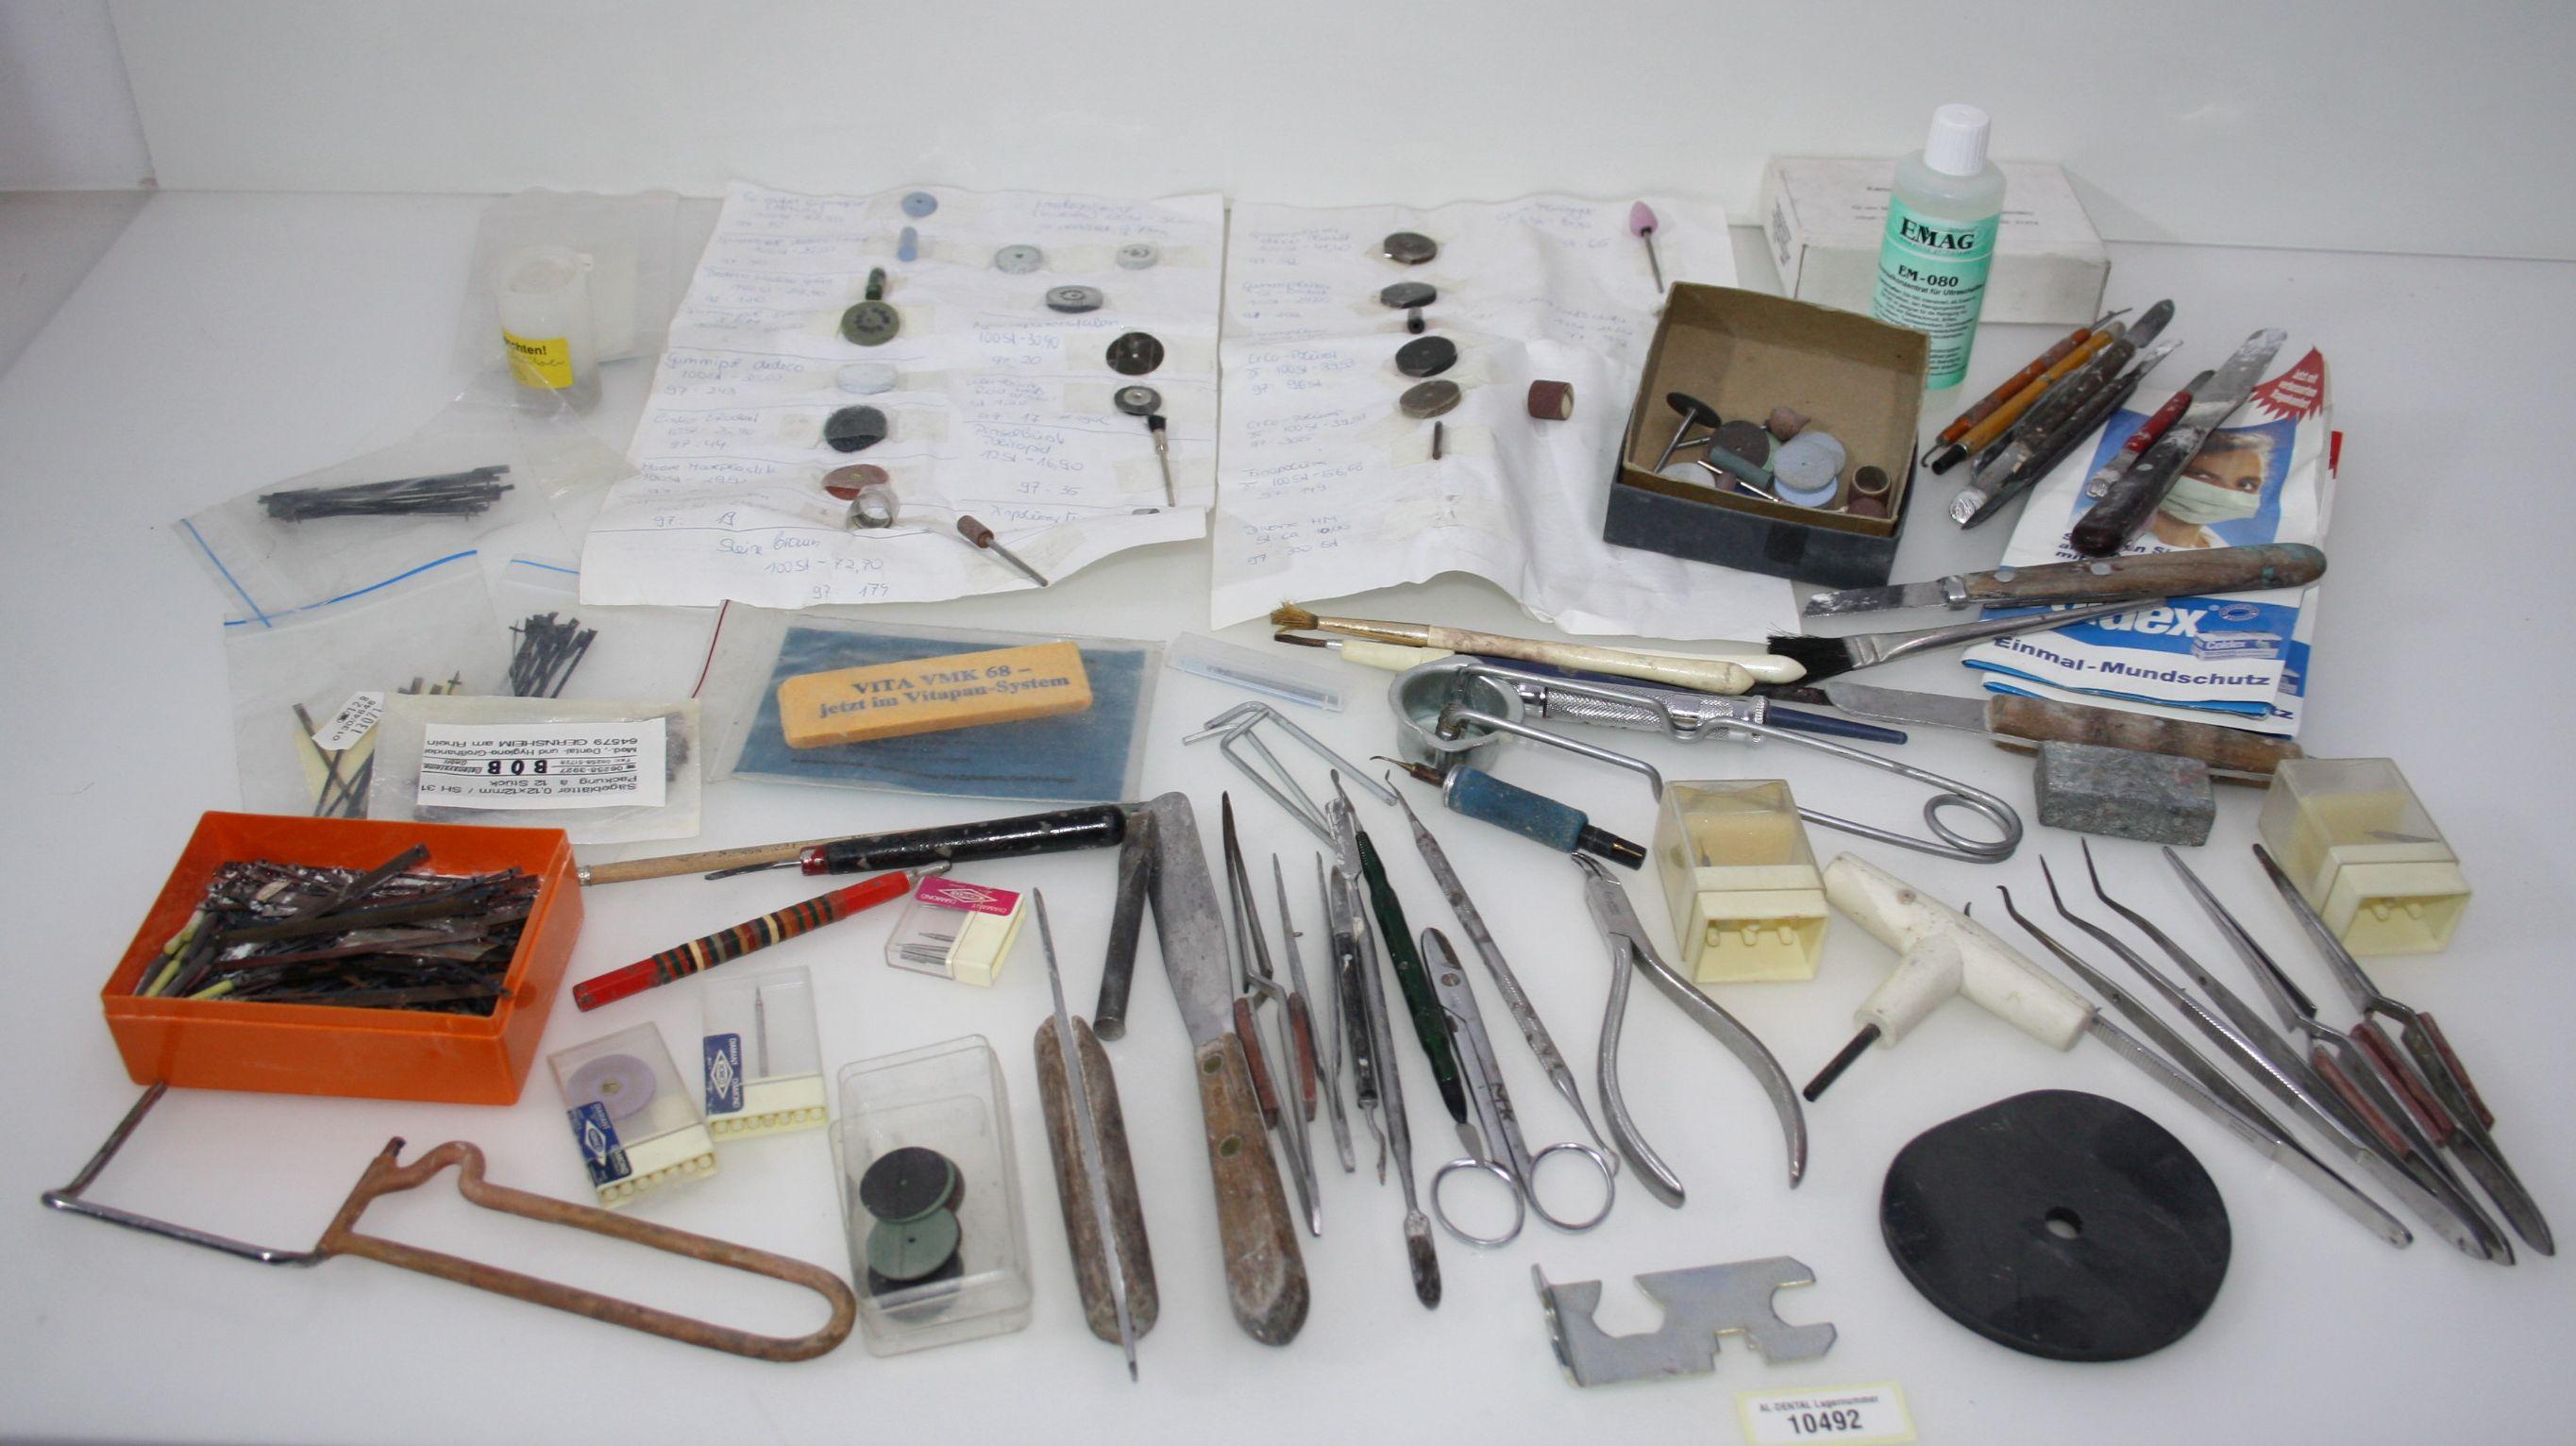 Dentallabor-Restposten - diverse Werkzeuge für die Zahntechnik # 10492